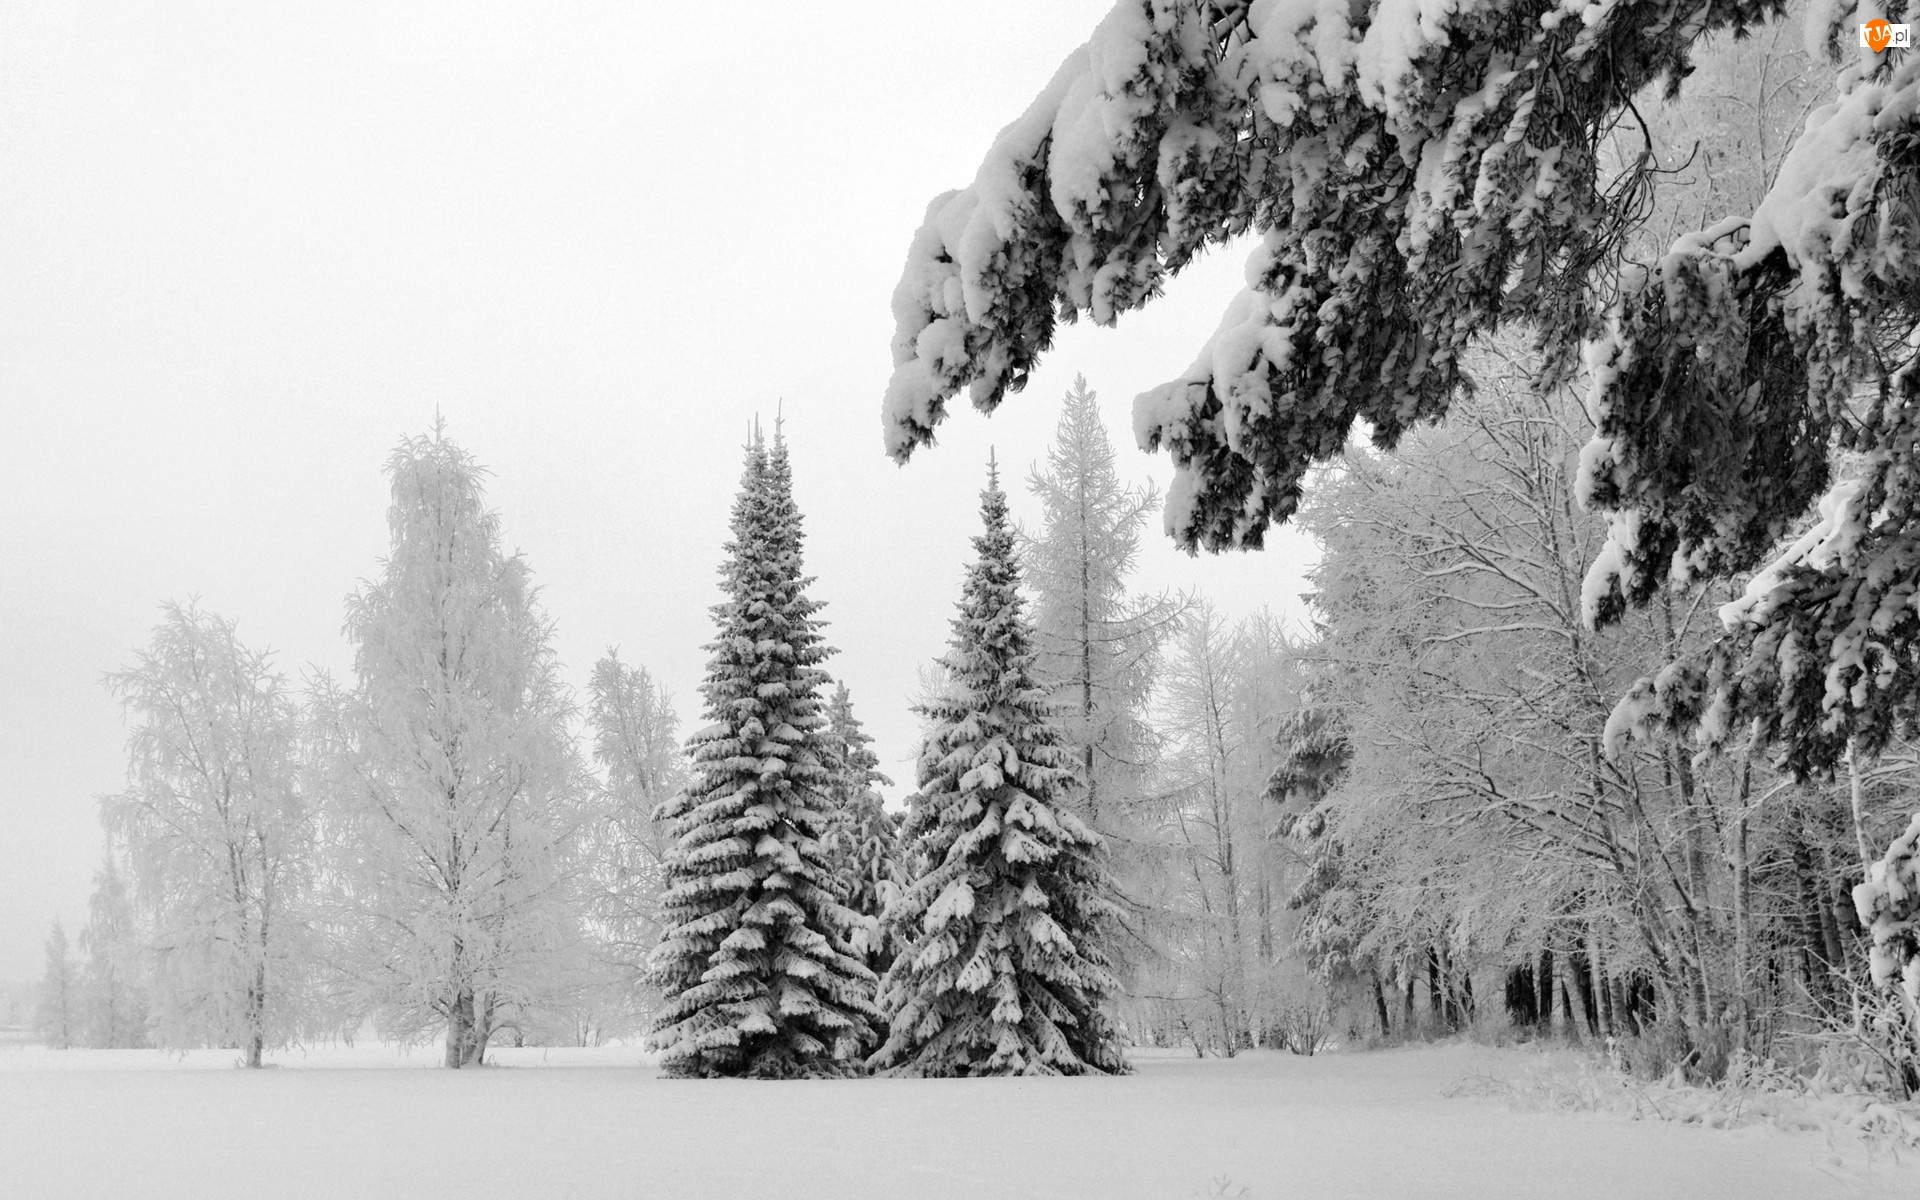 Poranek, Las, Drzewa, Ośnieżone, Mrozny